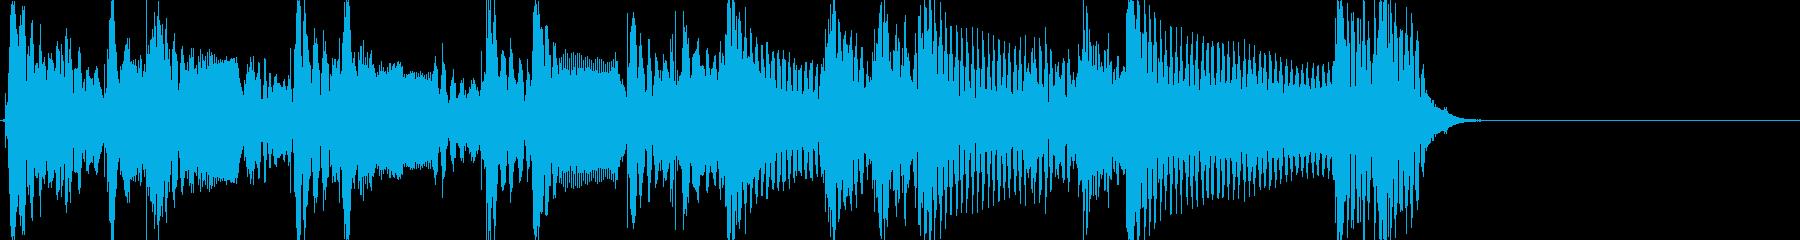 怪しいアコギジングル ワンフレーズ生音の再生済みの波形